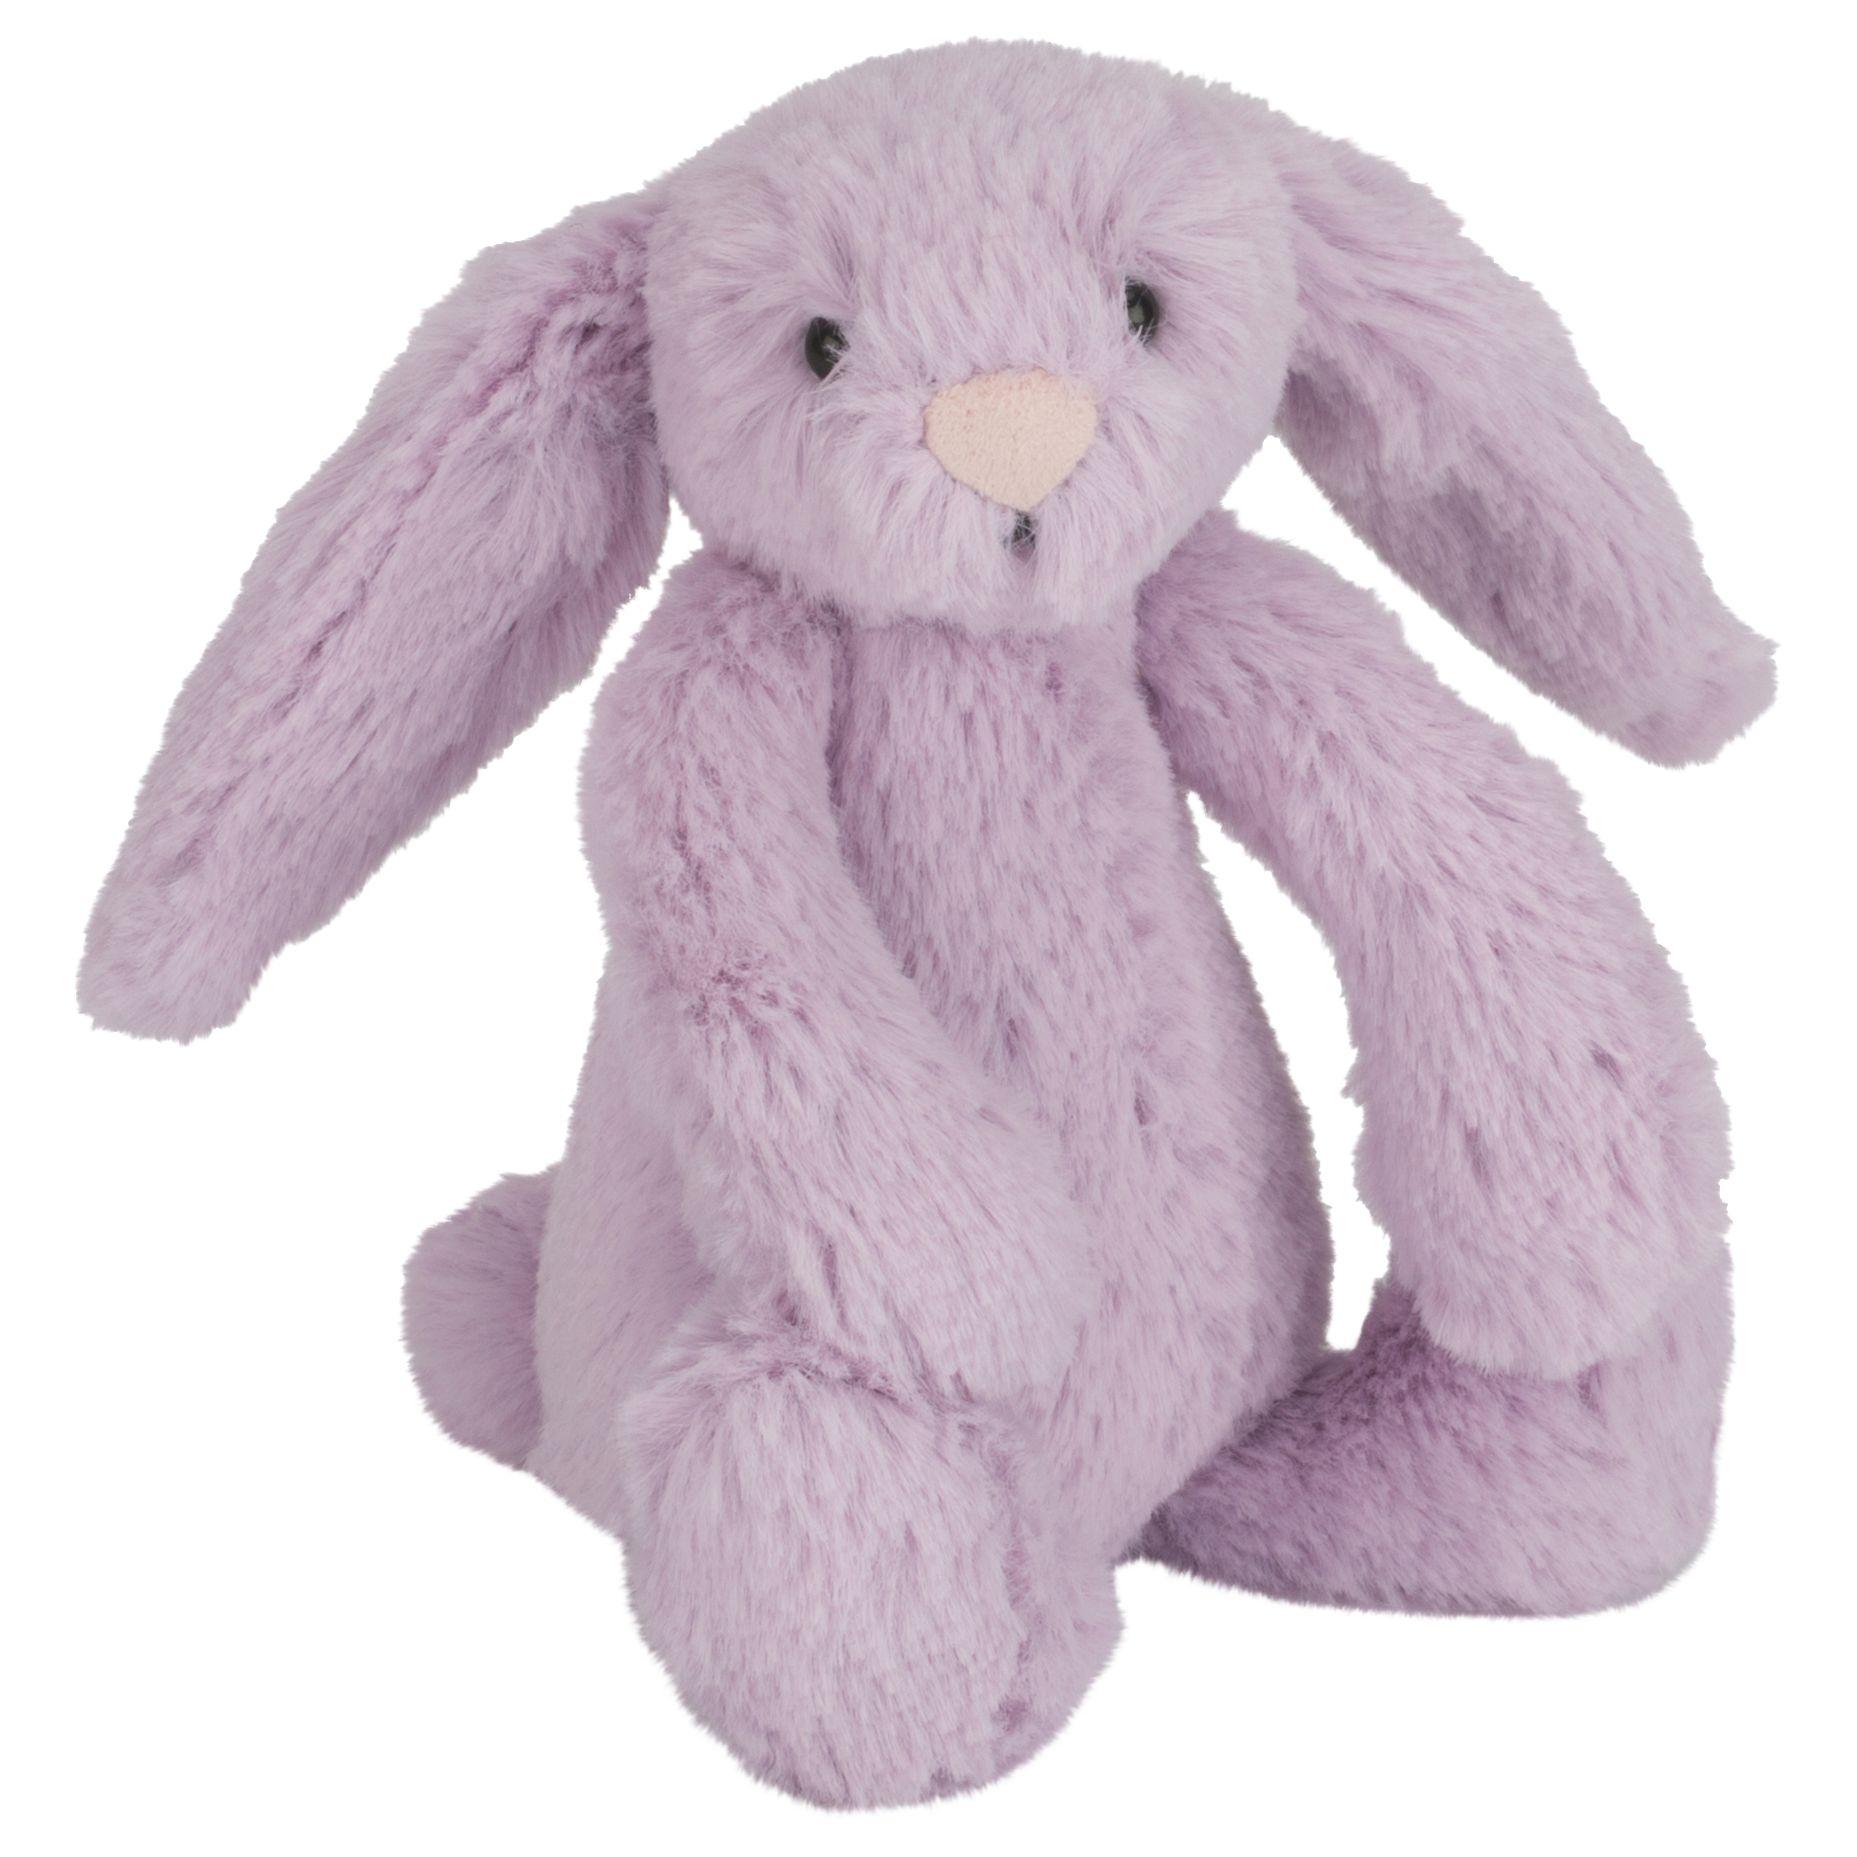 Jellycat Jellycat Bashful Bunny Soft Toy, Baby, Purple